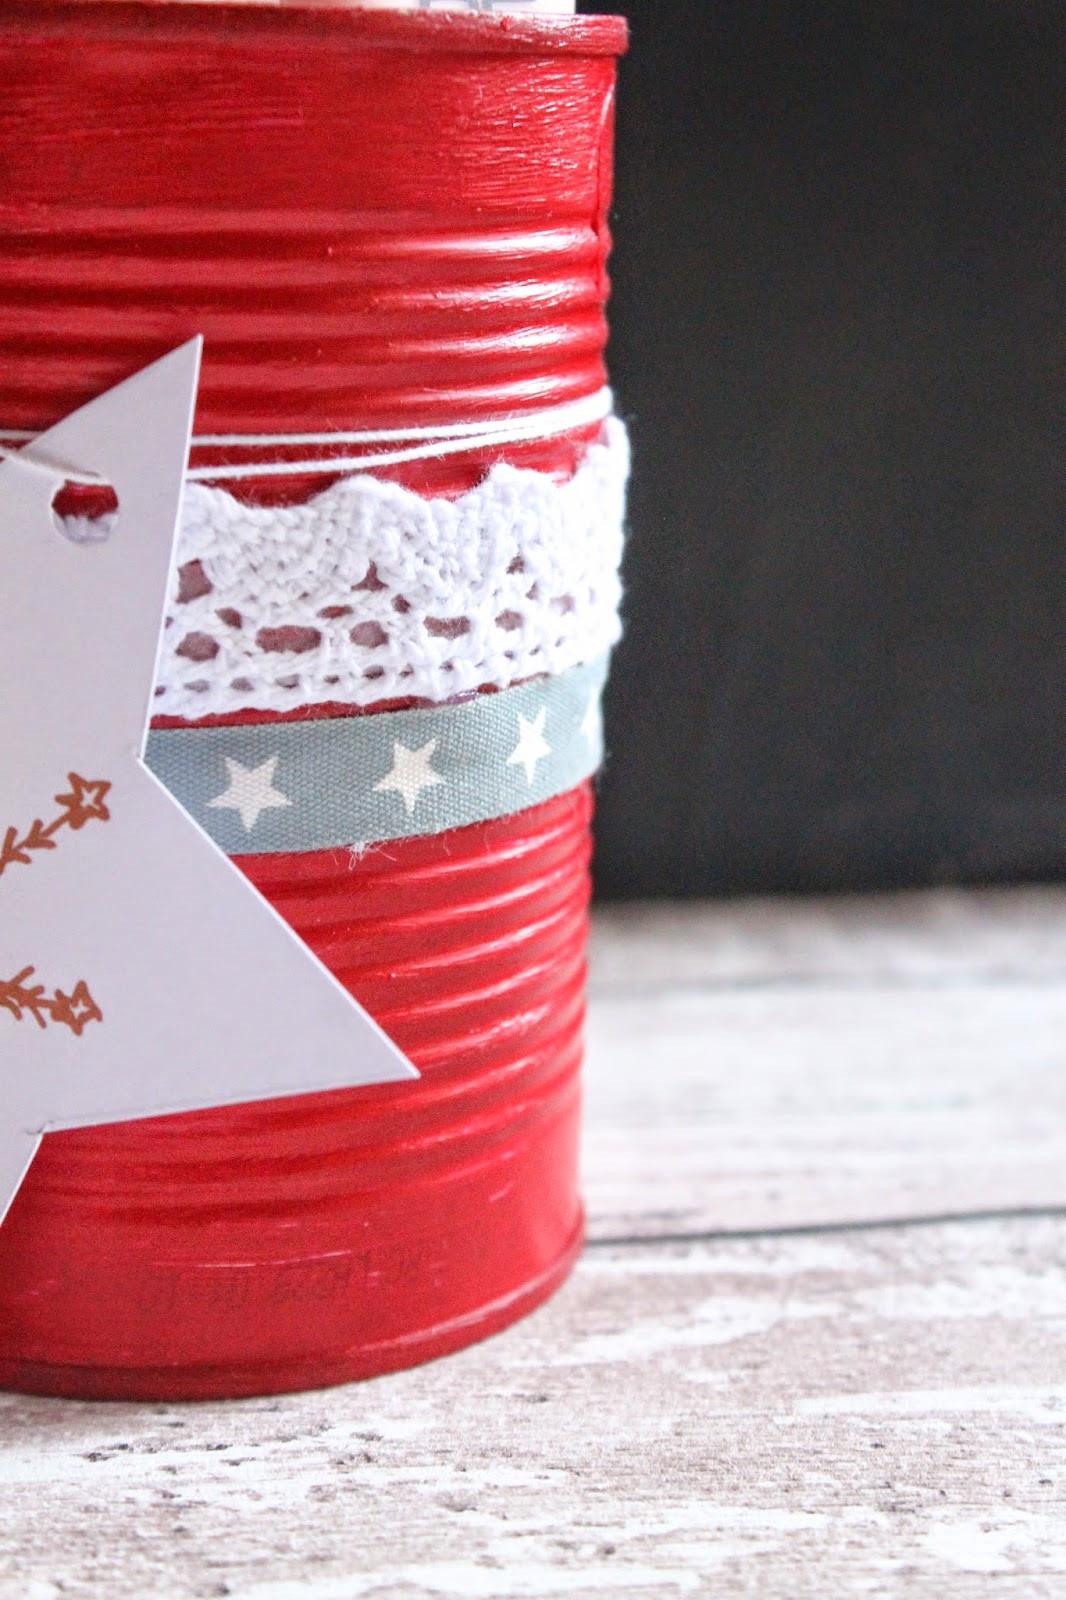 Schnelle Diy Geschenke  Fliederglück DIY schnelle Geschenke Dosen